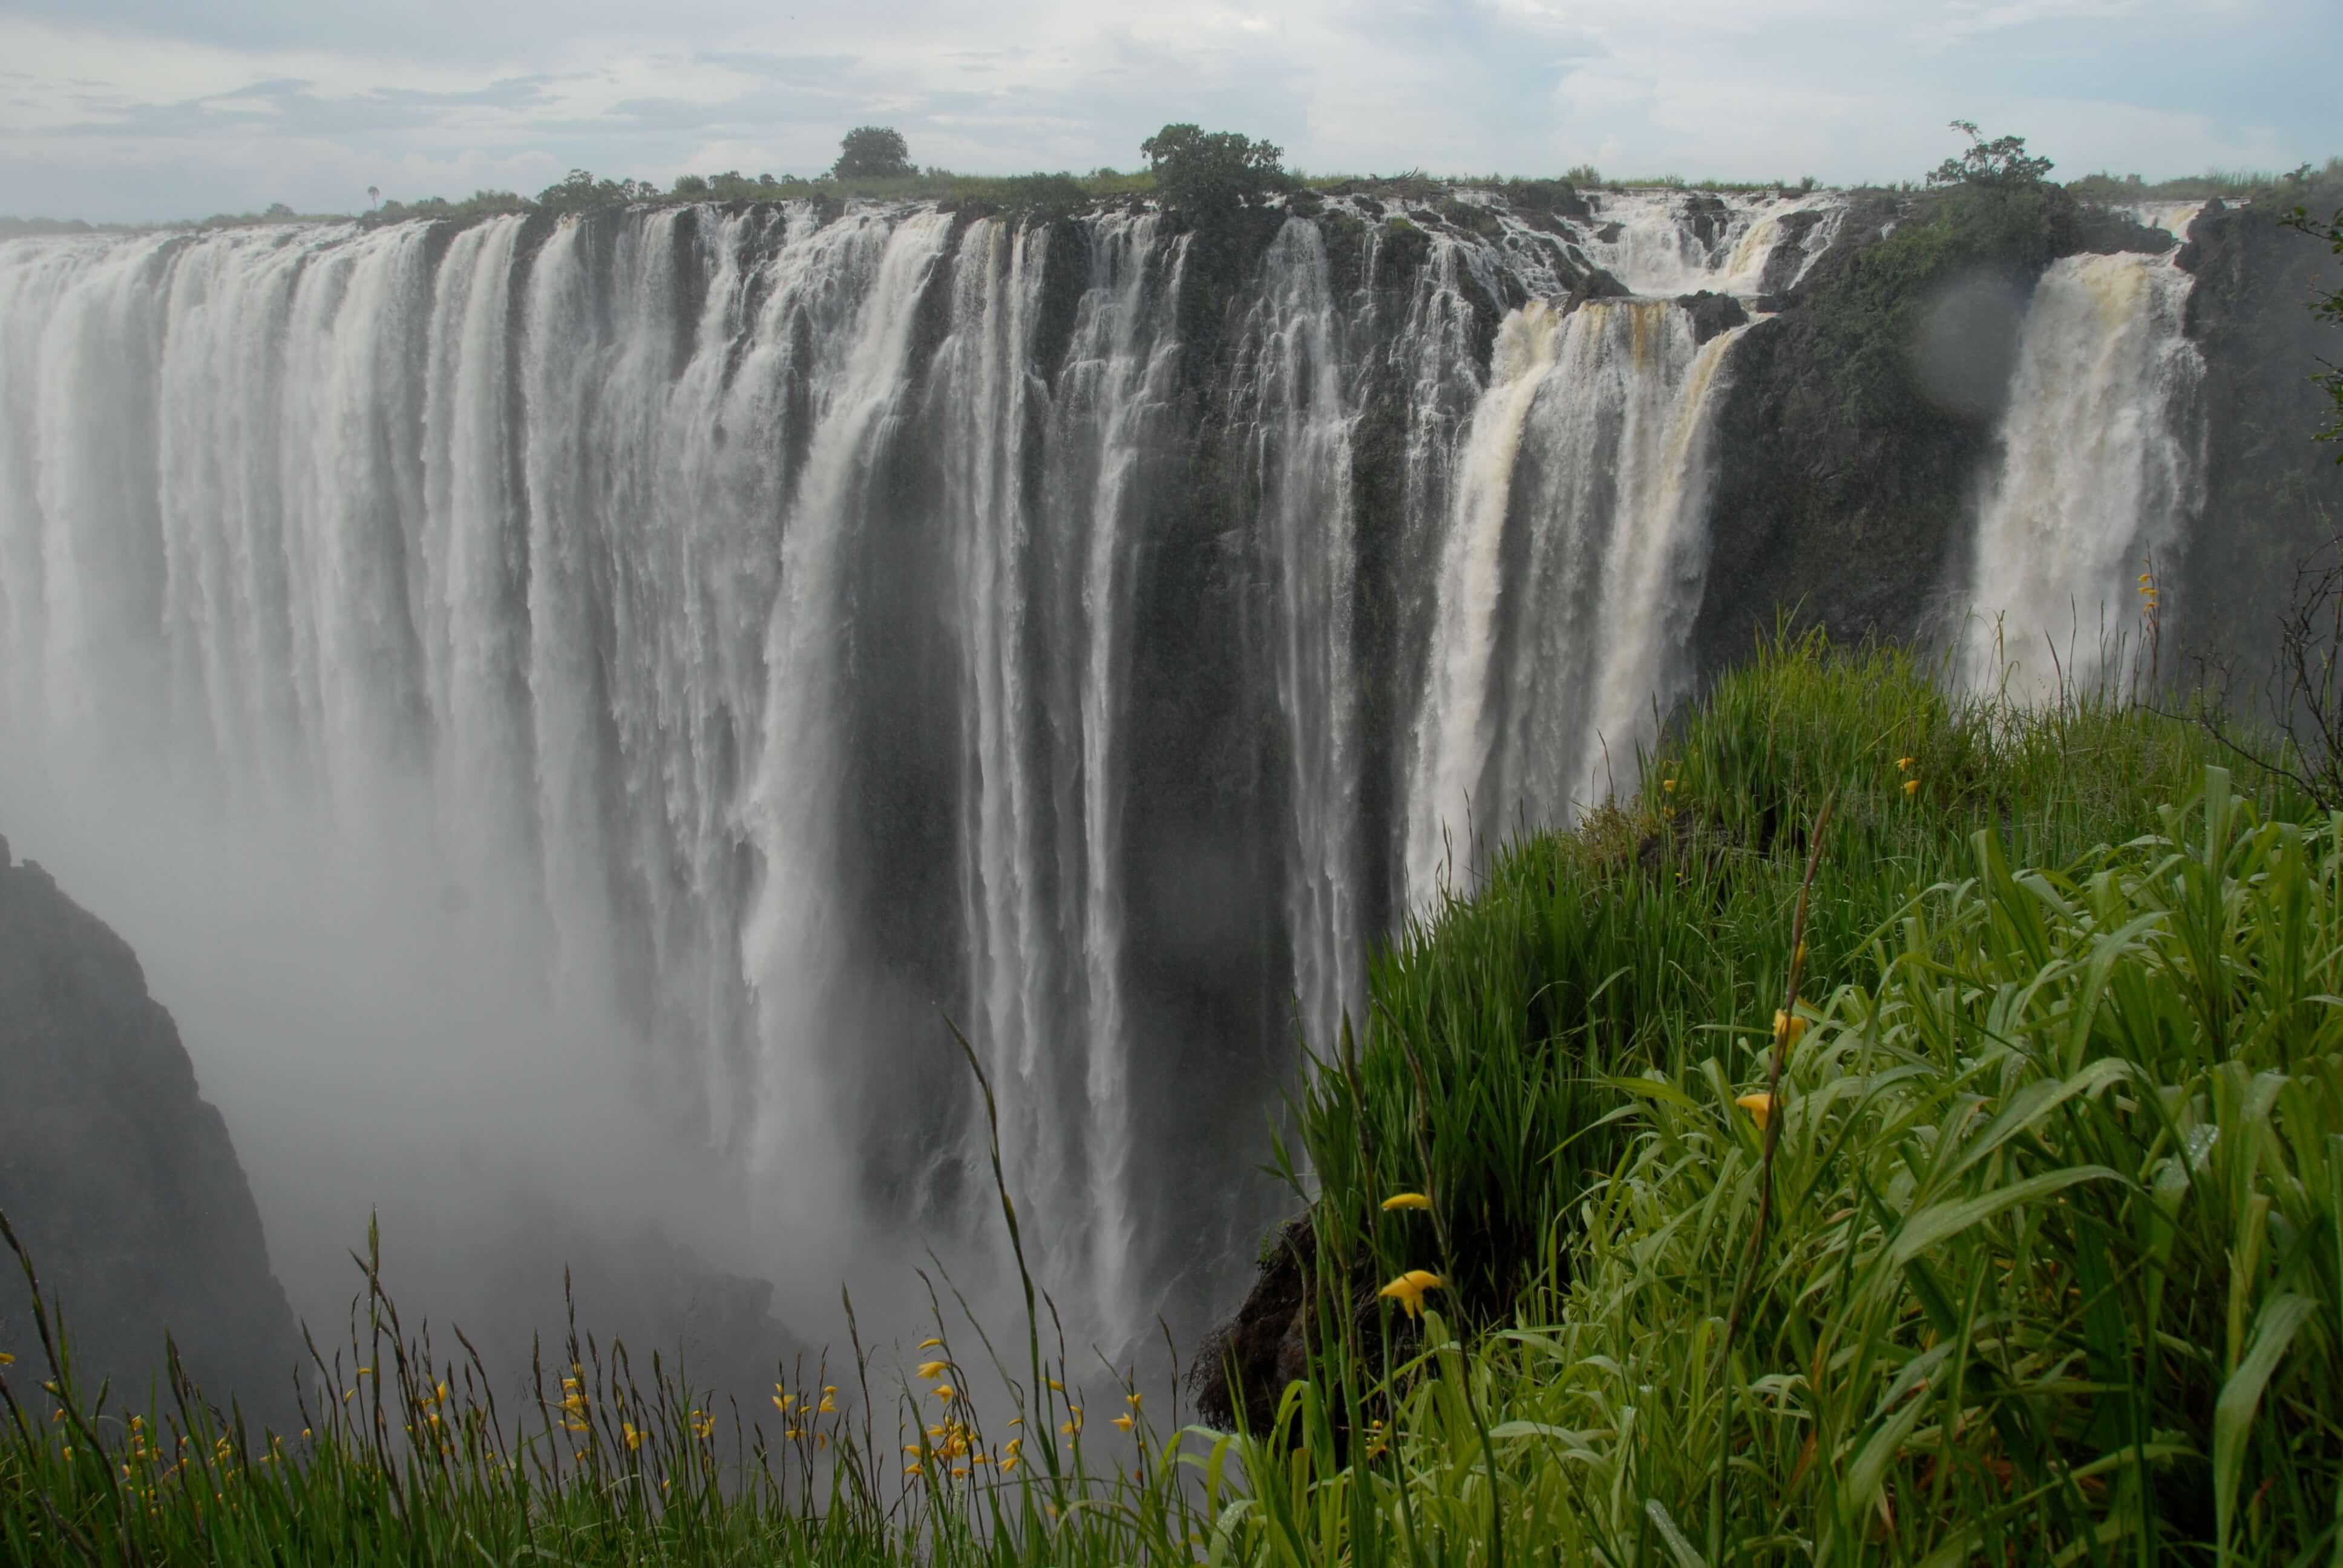 Victoria watervallen - 1 van de 7 natuurlijke wereldwonderen